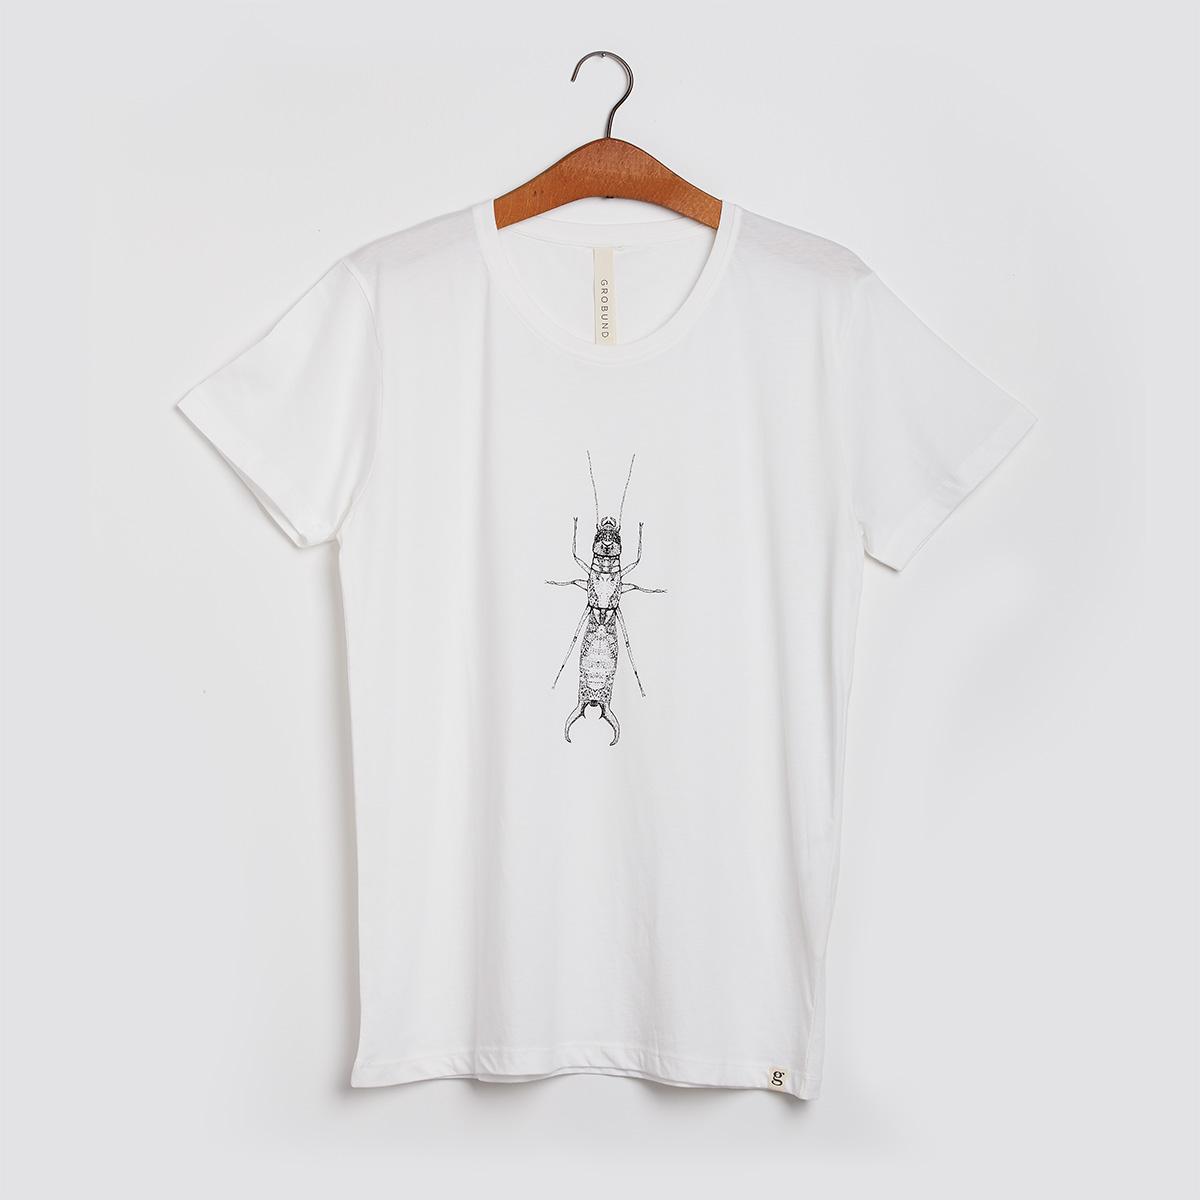 T-shirten herre - GROBUND